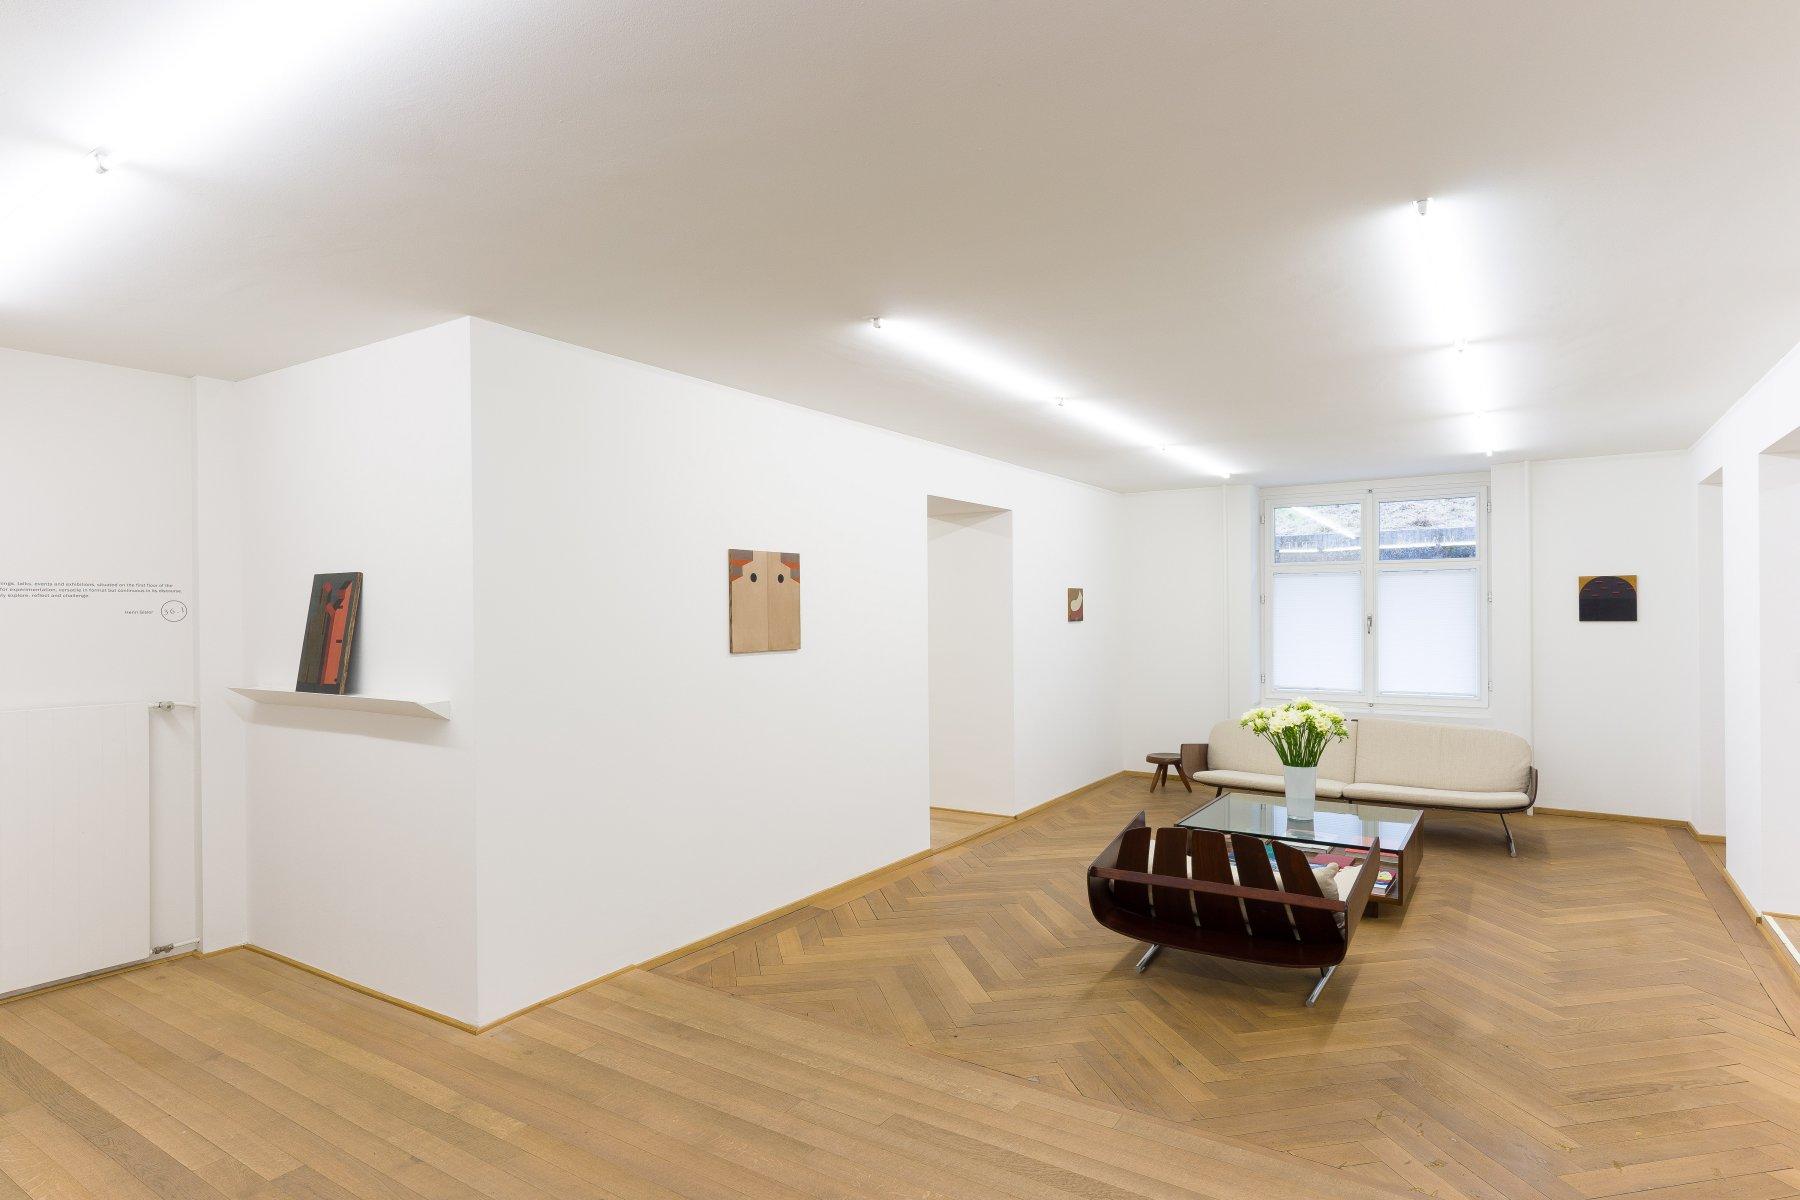 Mai 36 Galerie Laura Carralero 1